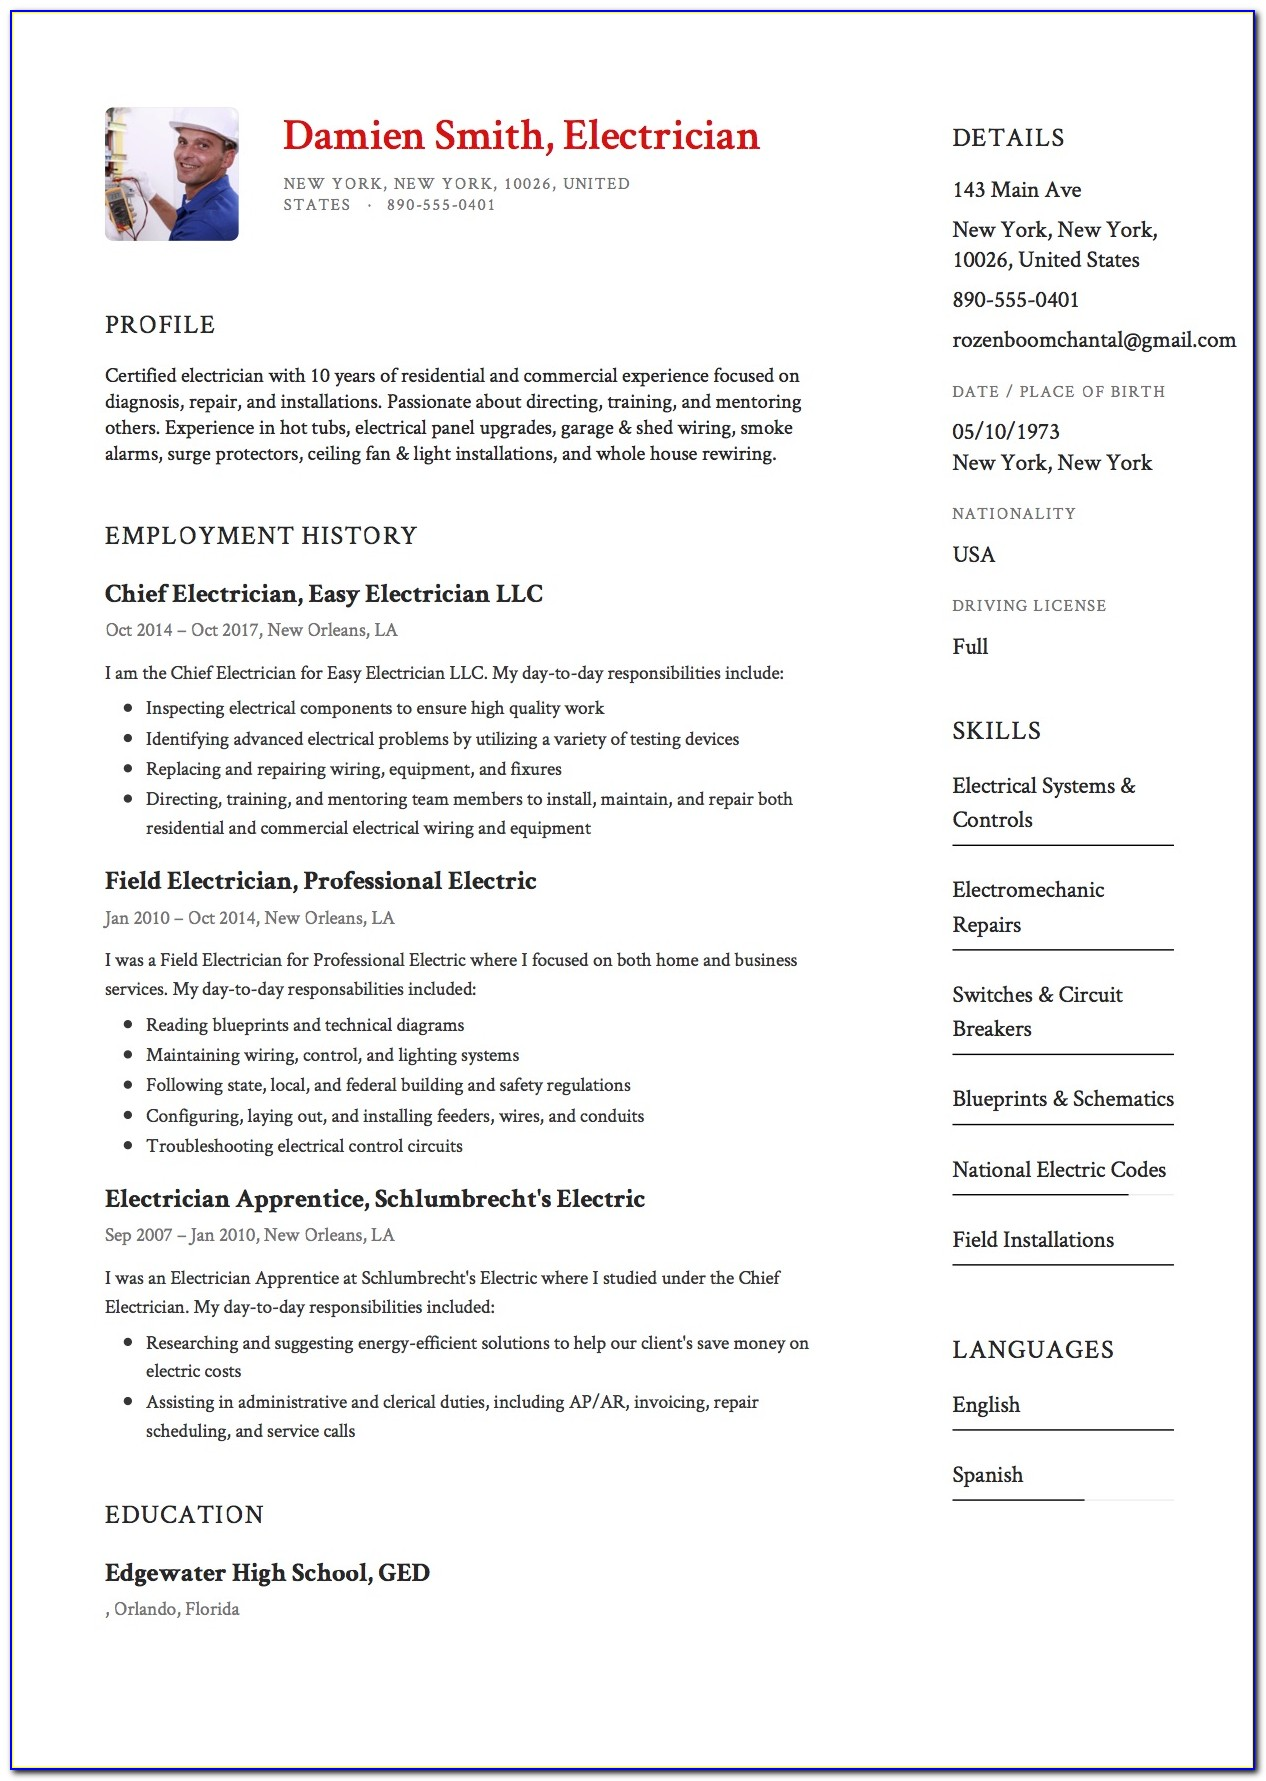 Best Resume For Teaching Position